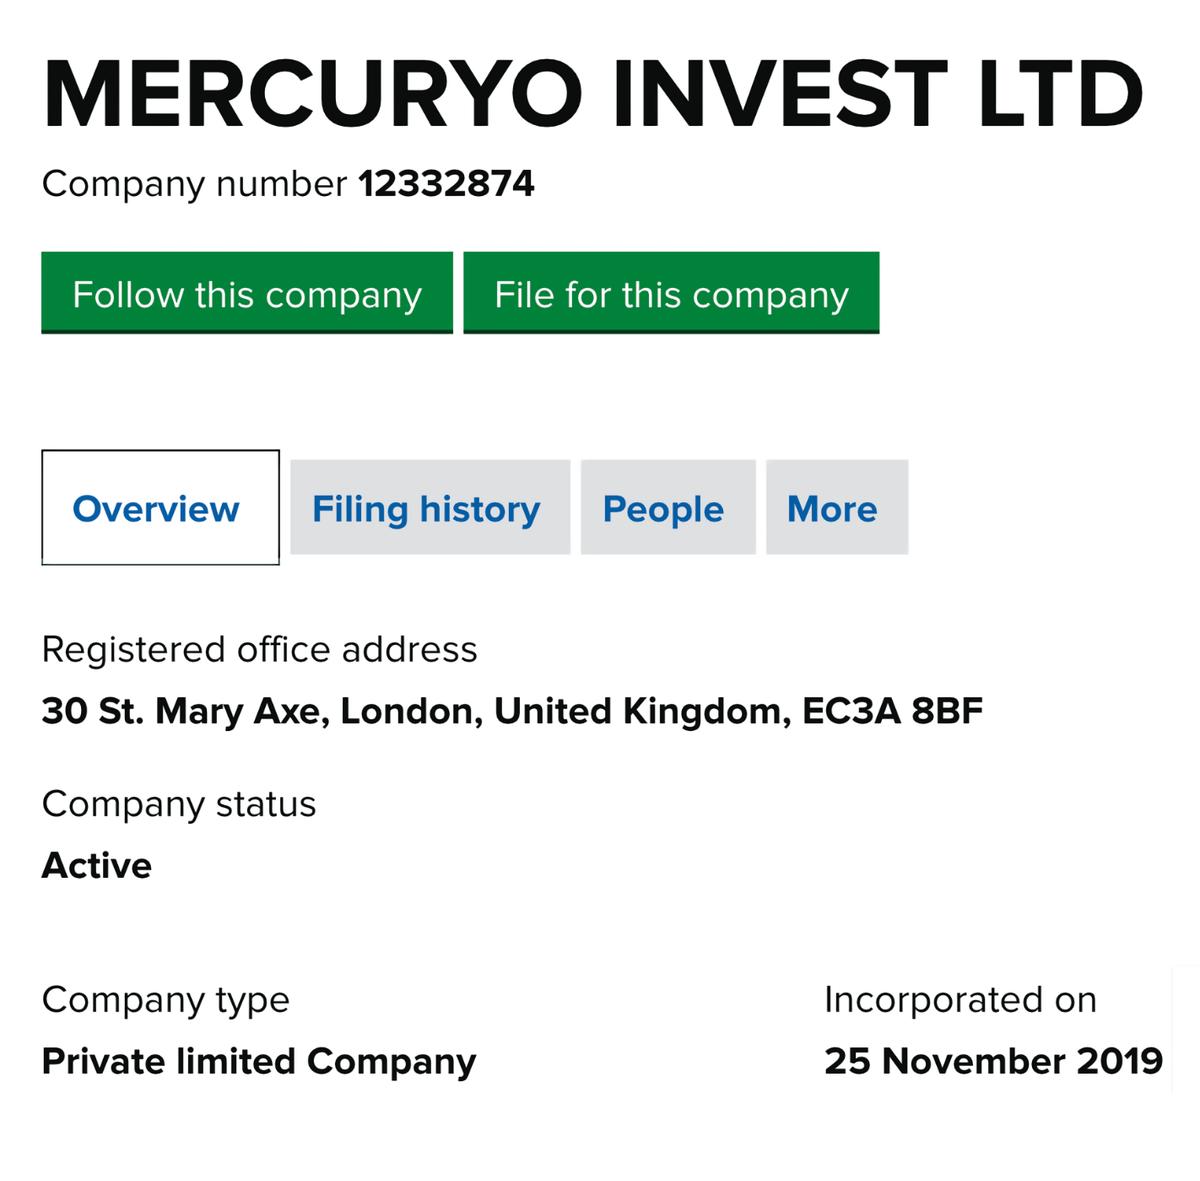 Приэтом компания зарегистрирована 25 ноября 2019года, а не 20 лет назад